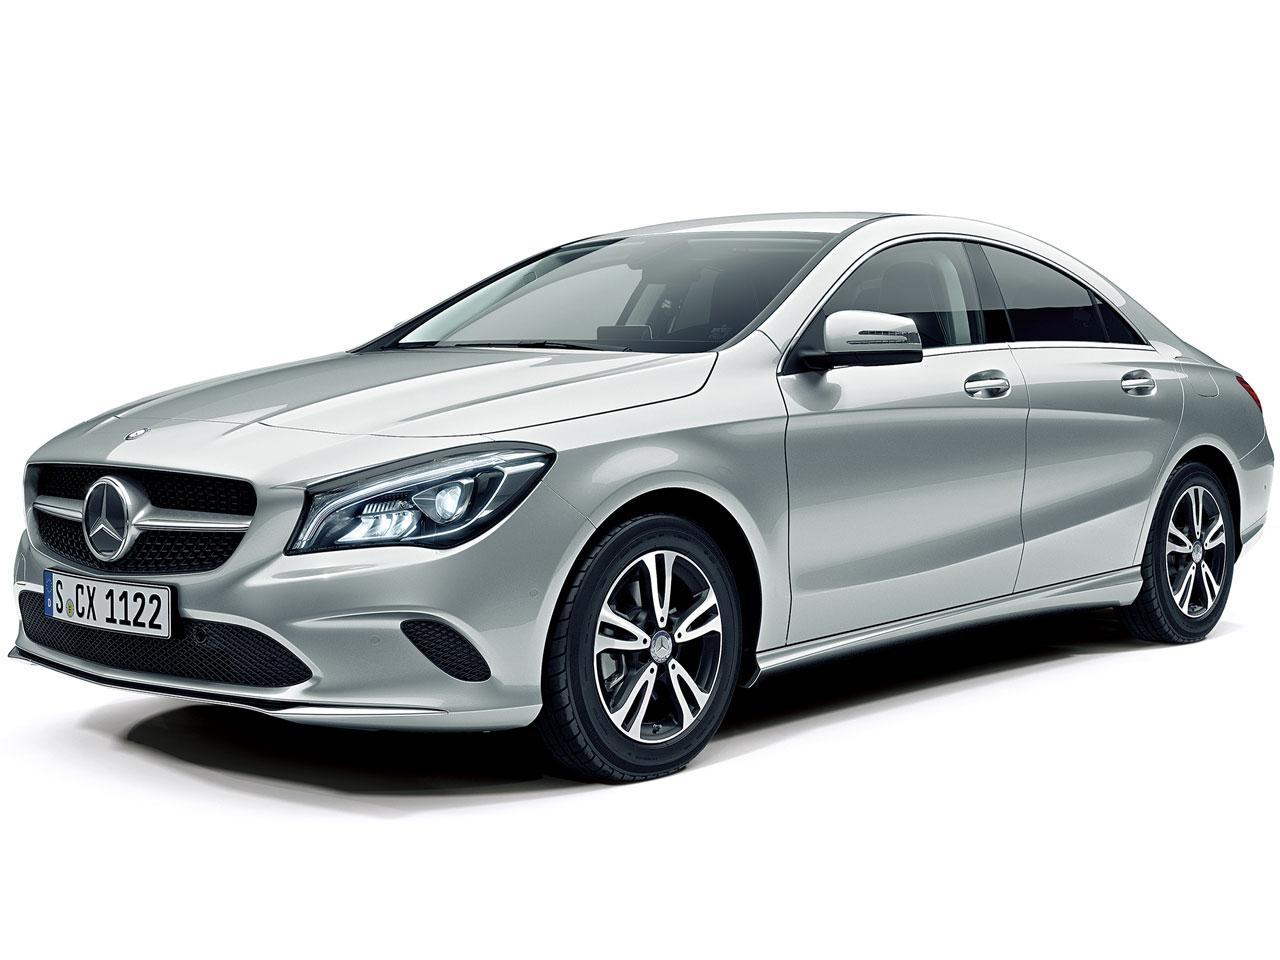 メルセデス・ベンツ CLAクラス 2013年モデル 新車画像